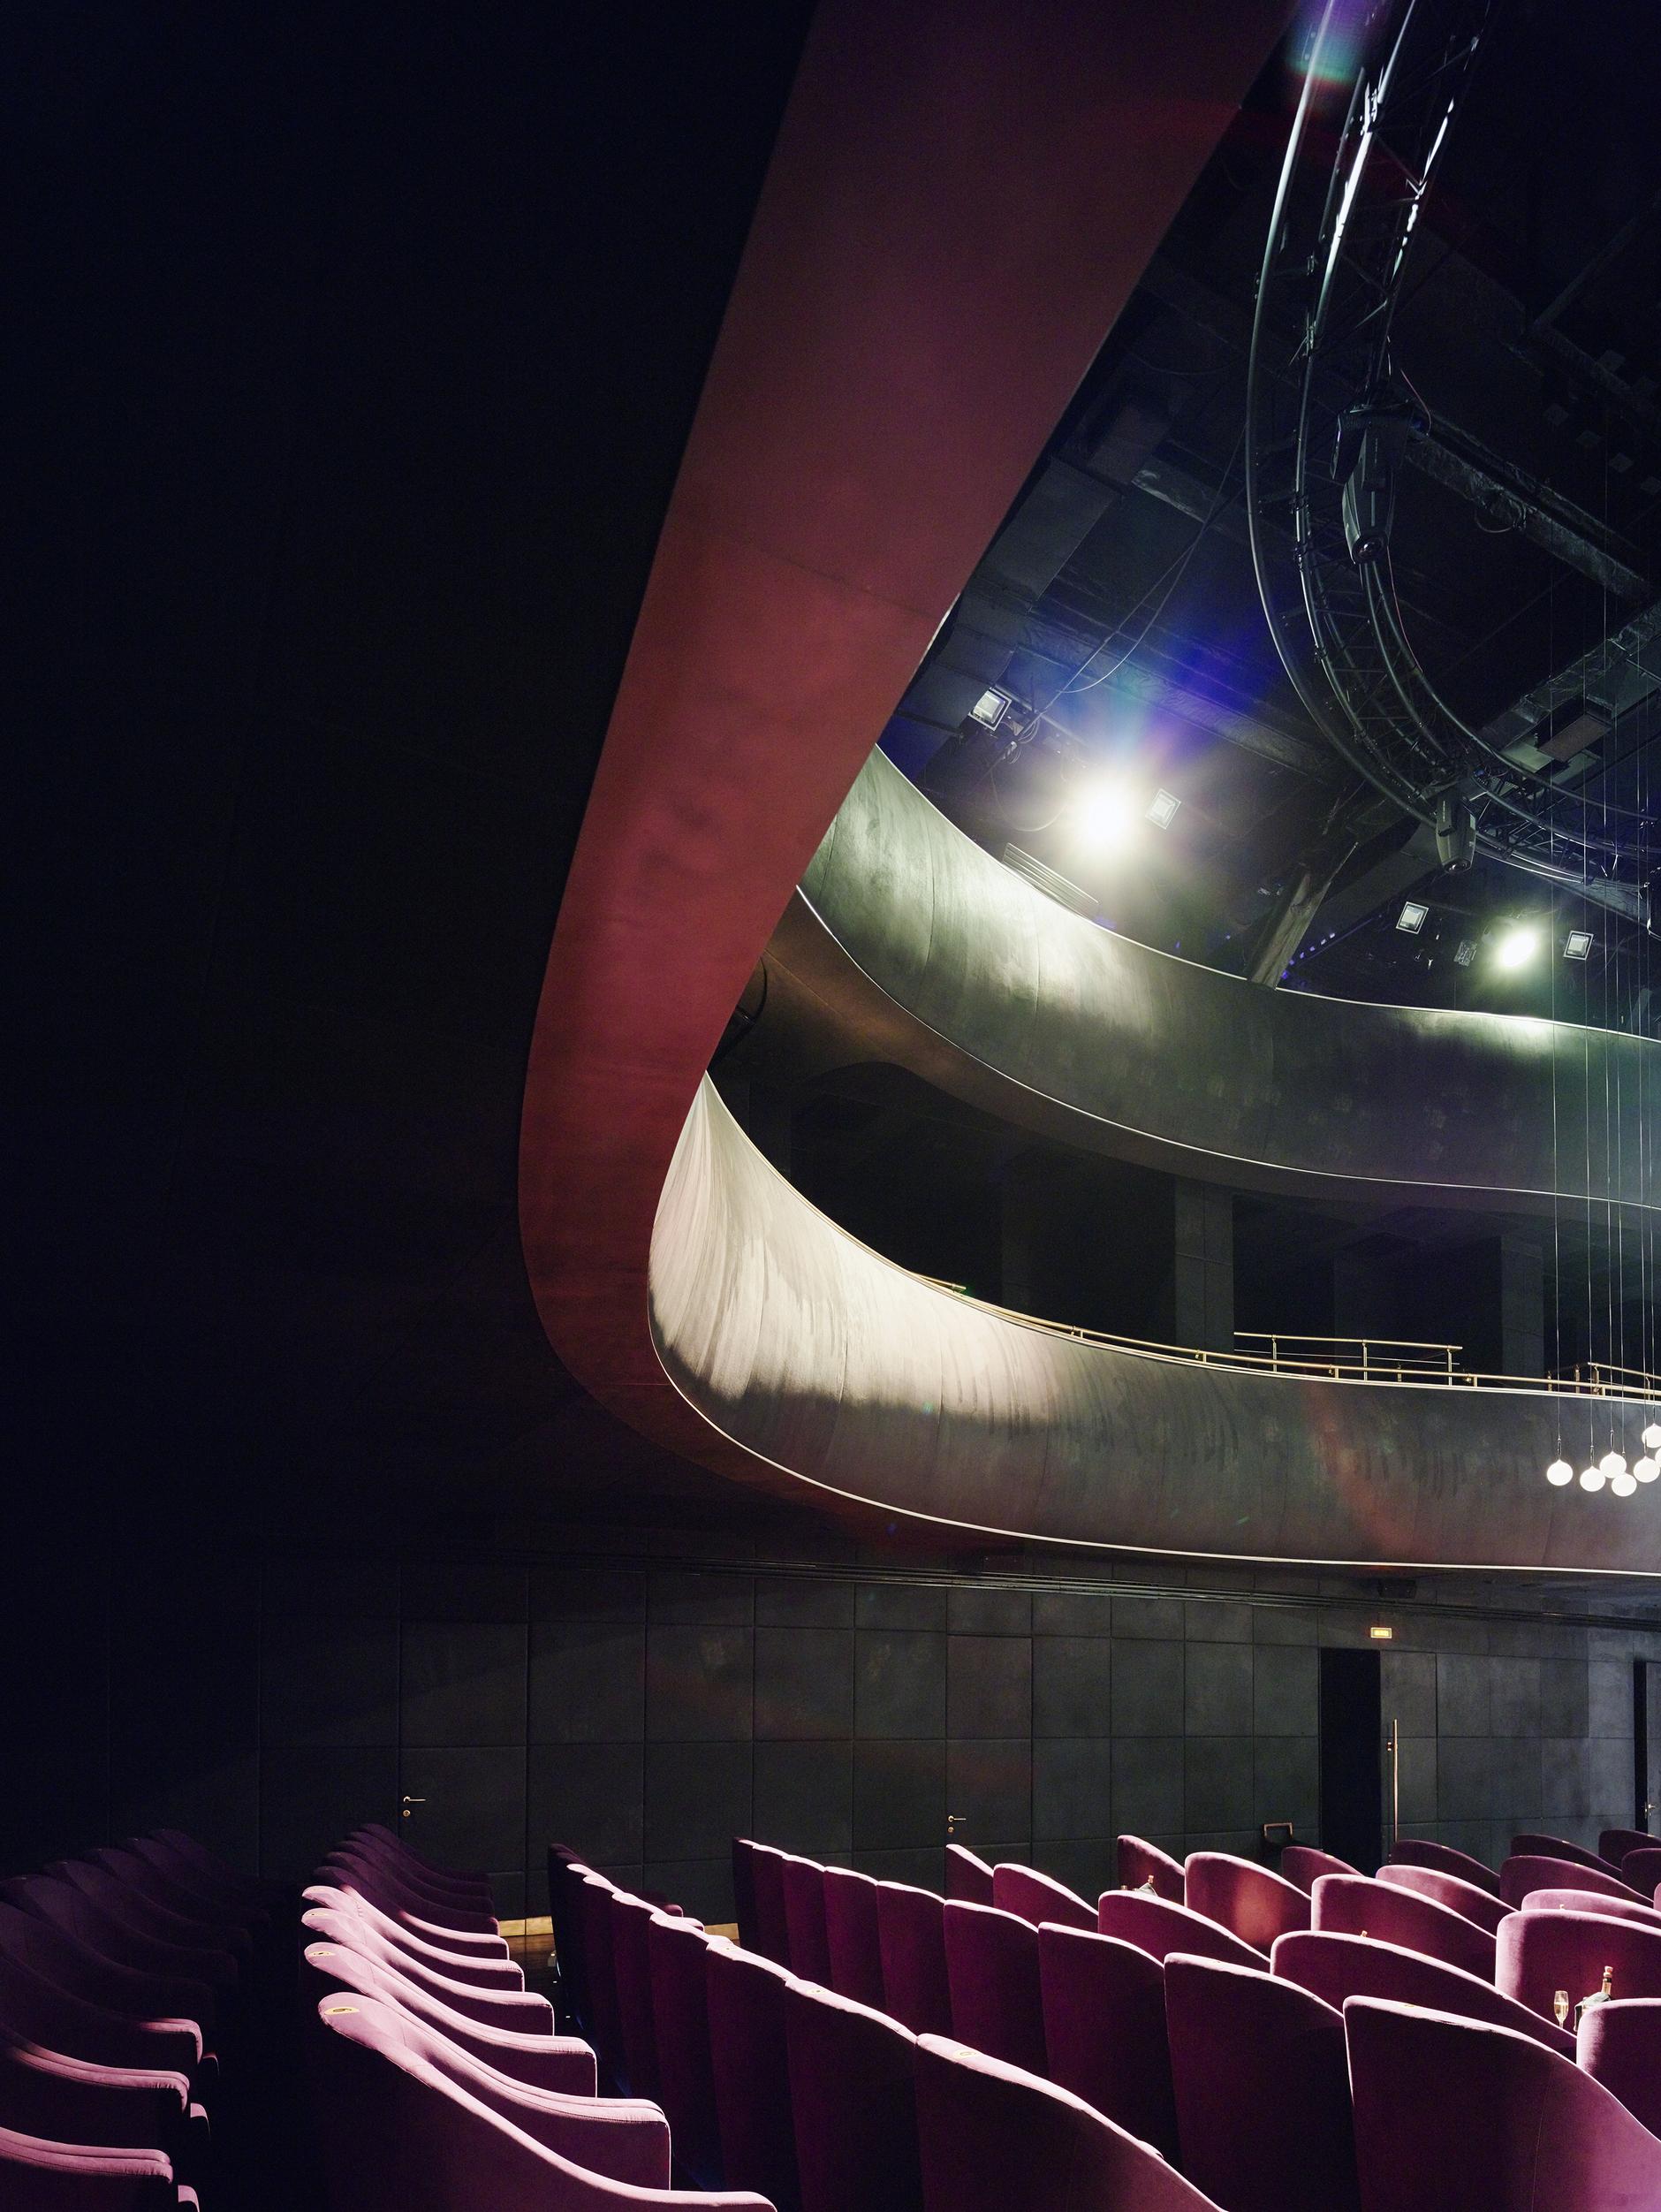 Рикардо Бофилл: самый известный архитектор постмодернизма (галерея 39, фото 4)